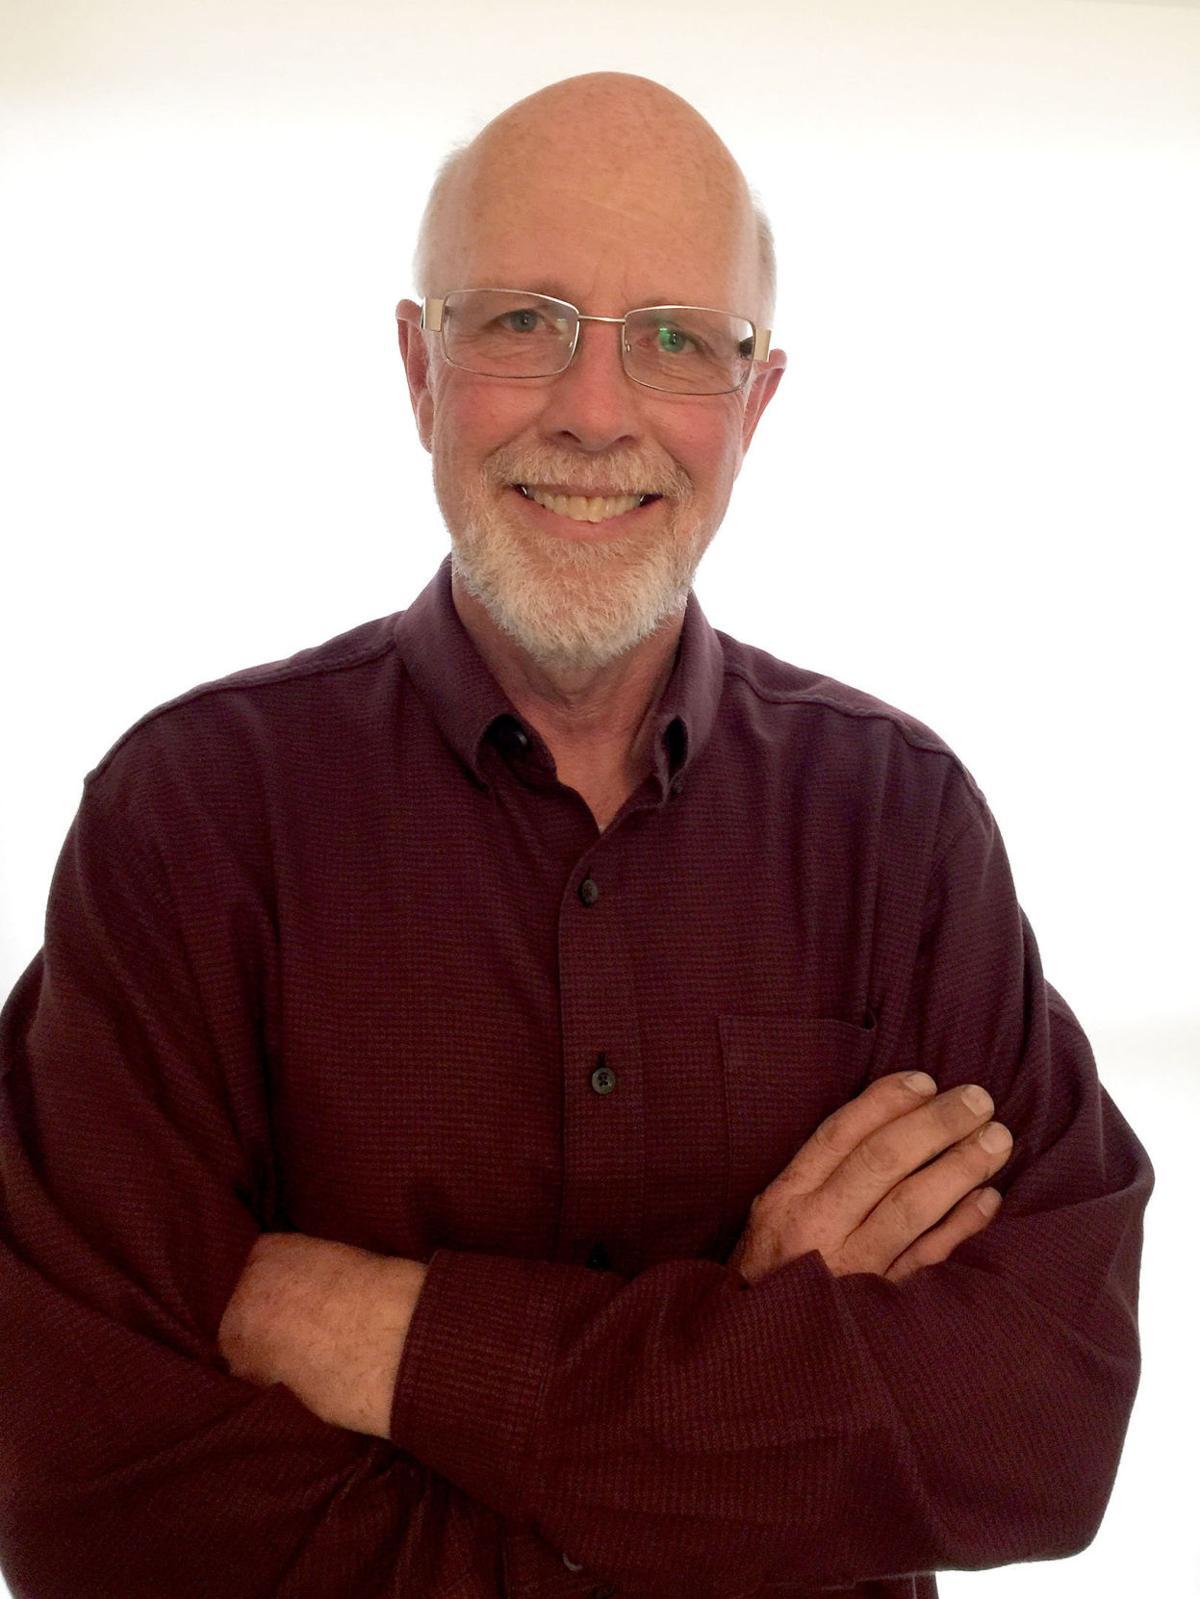 Tom Brownson